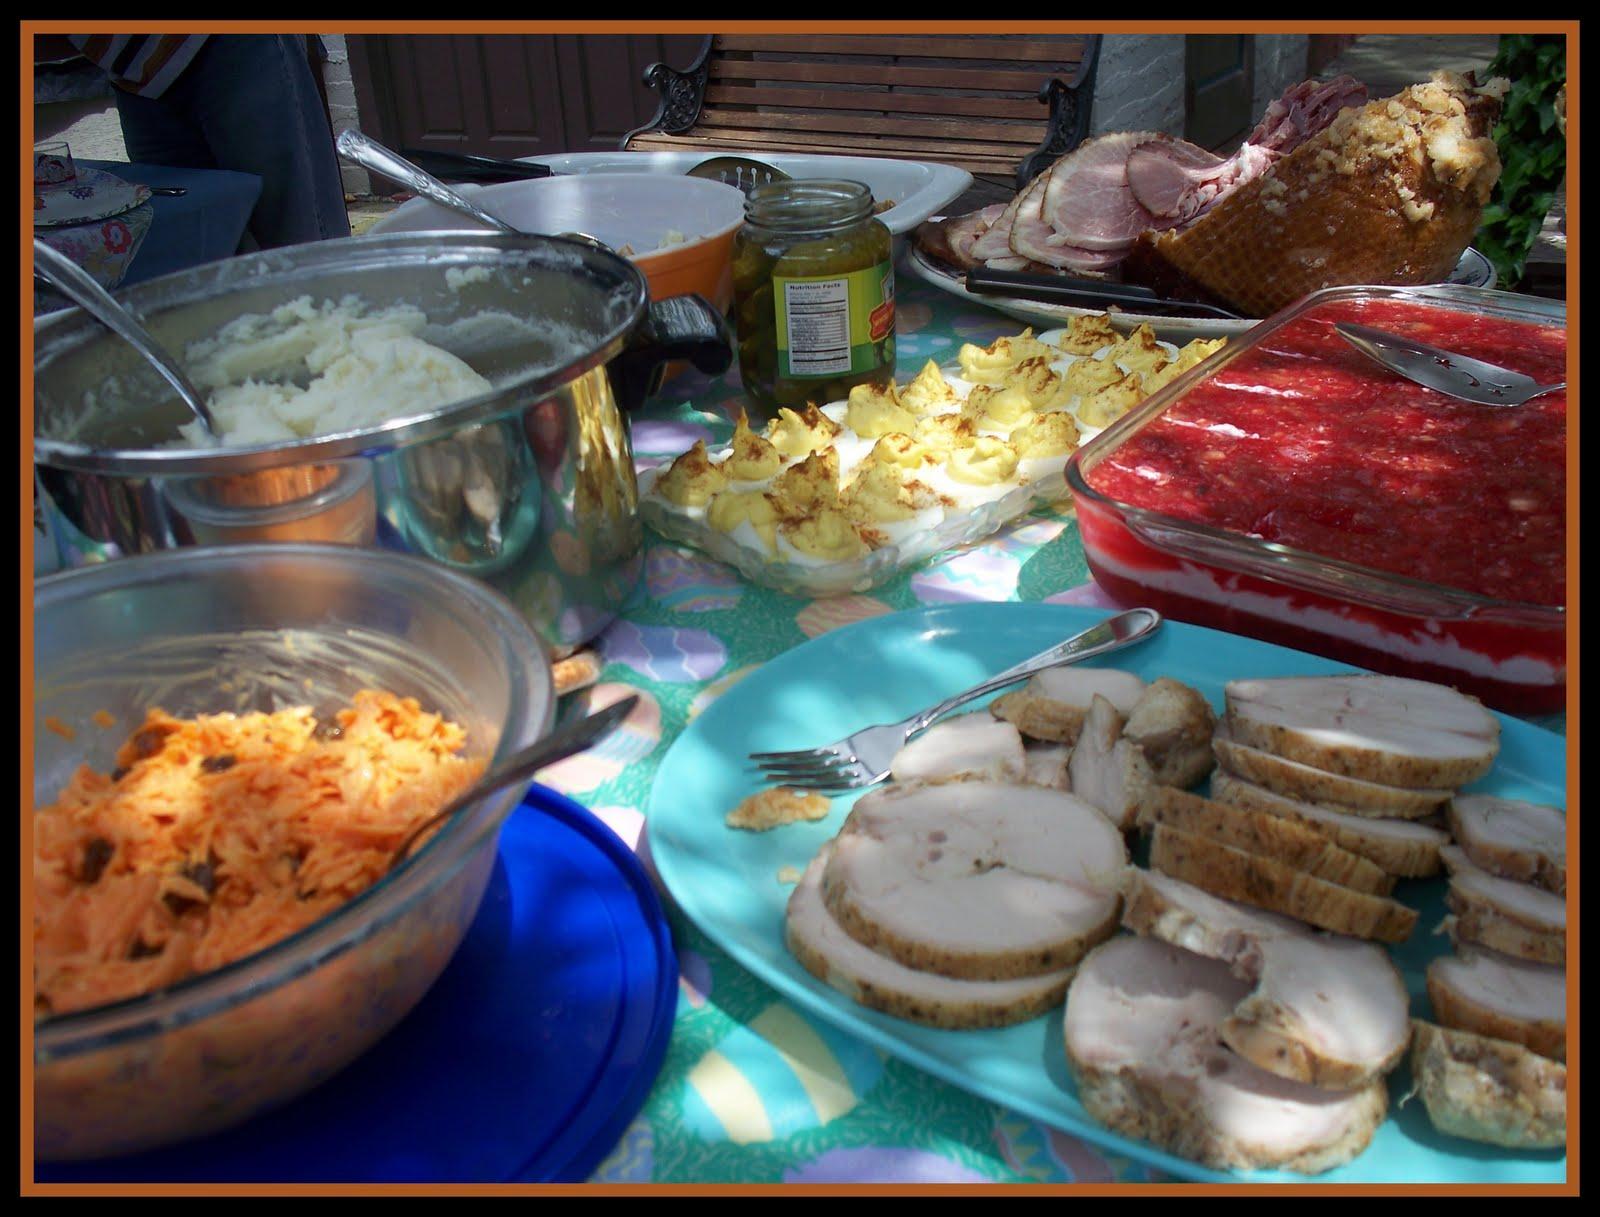 Traveling lighter april 2011 for Dessert for easter dinner